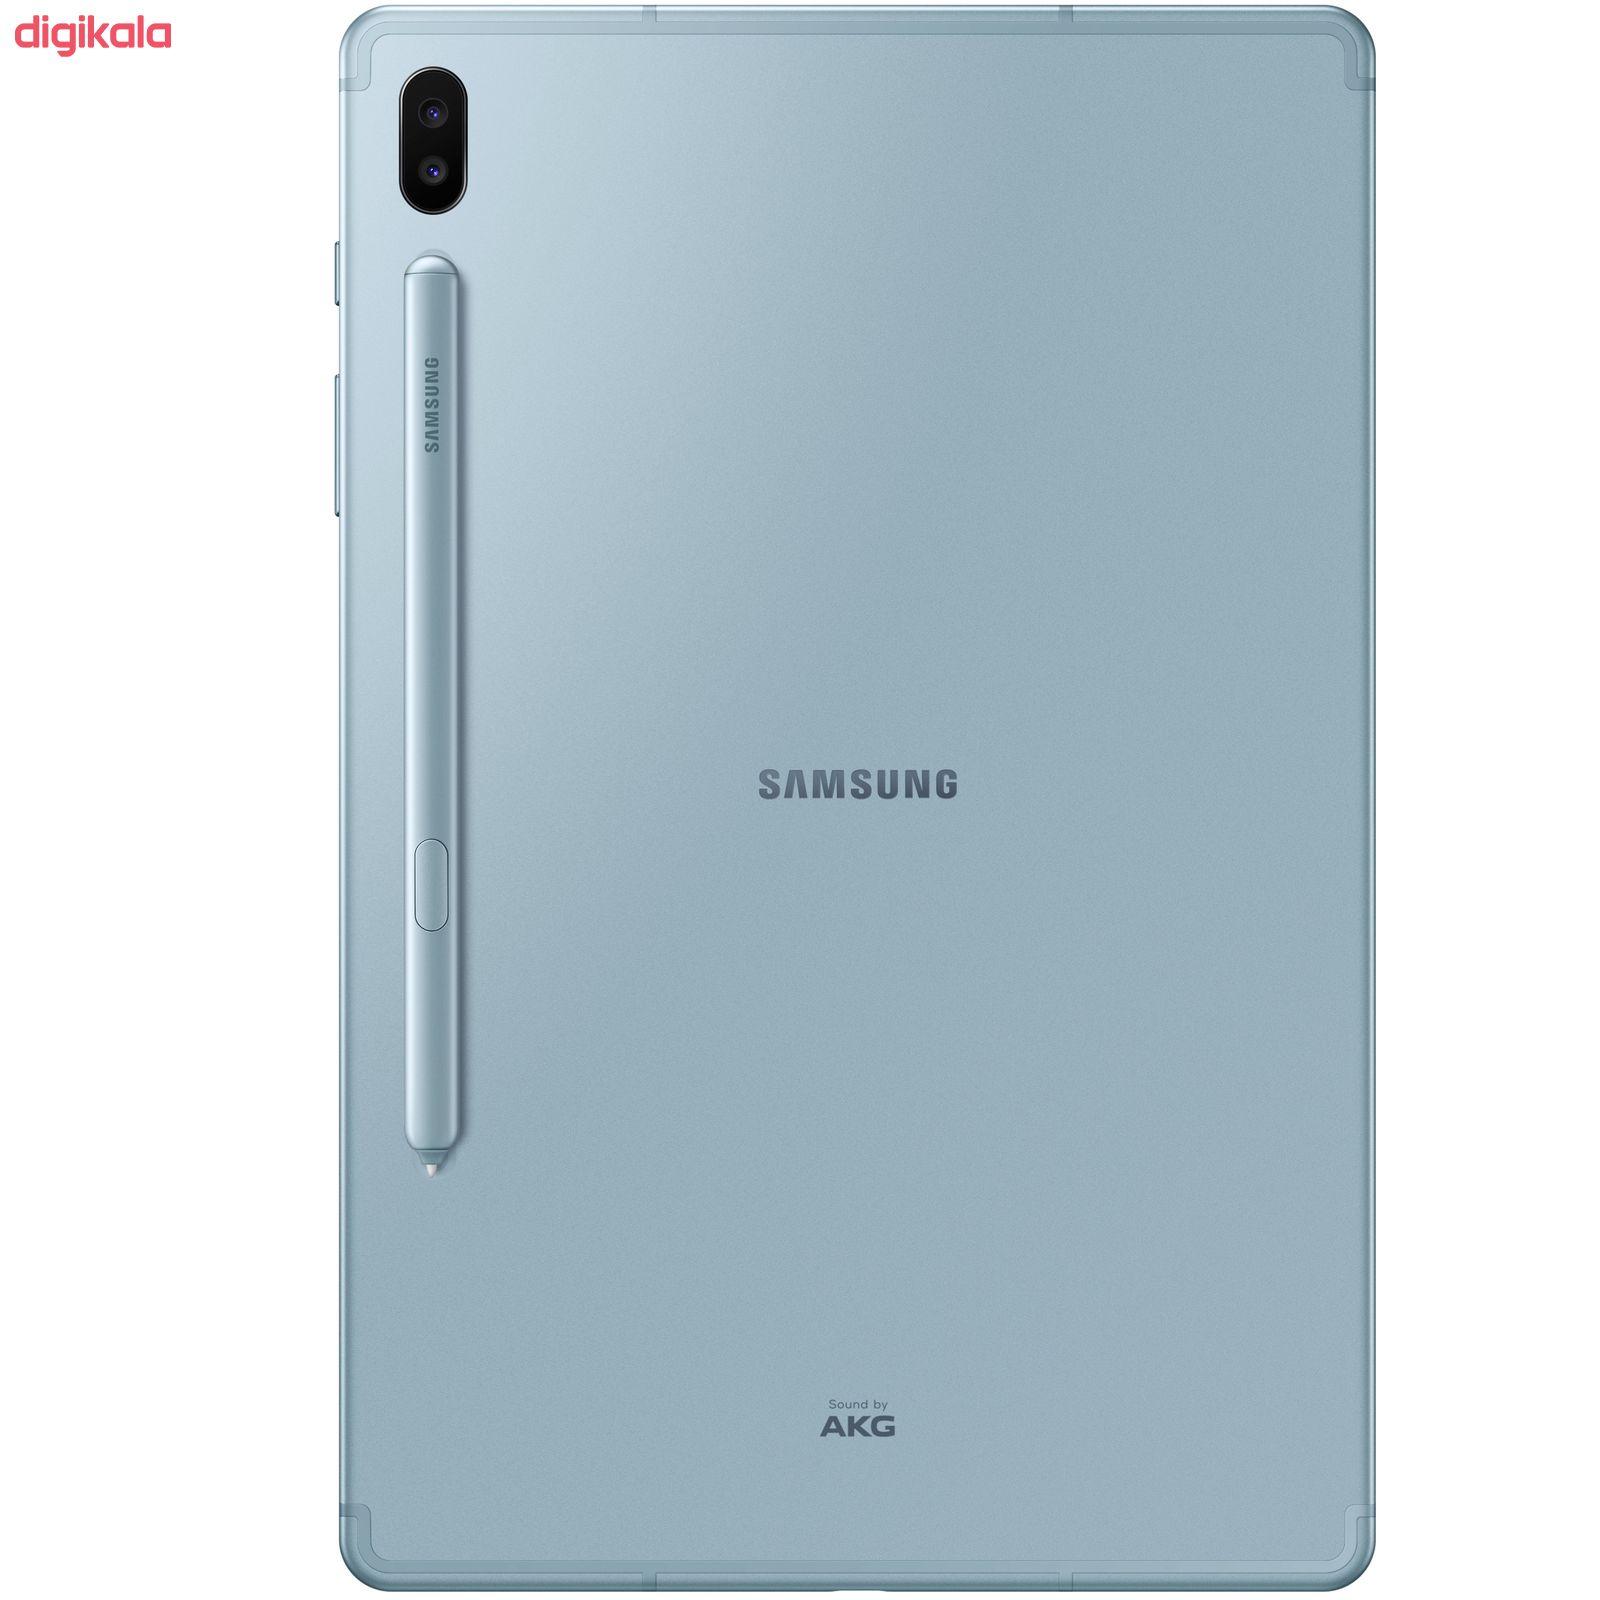 تبلت سامسونگ مدل GALAXY TAB S6 ظرفیت 128 گیگابایت main 1 9